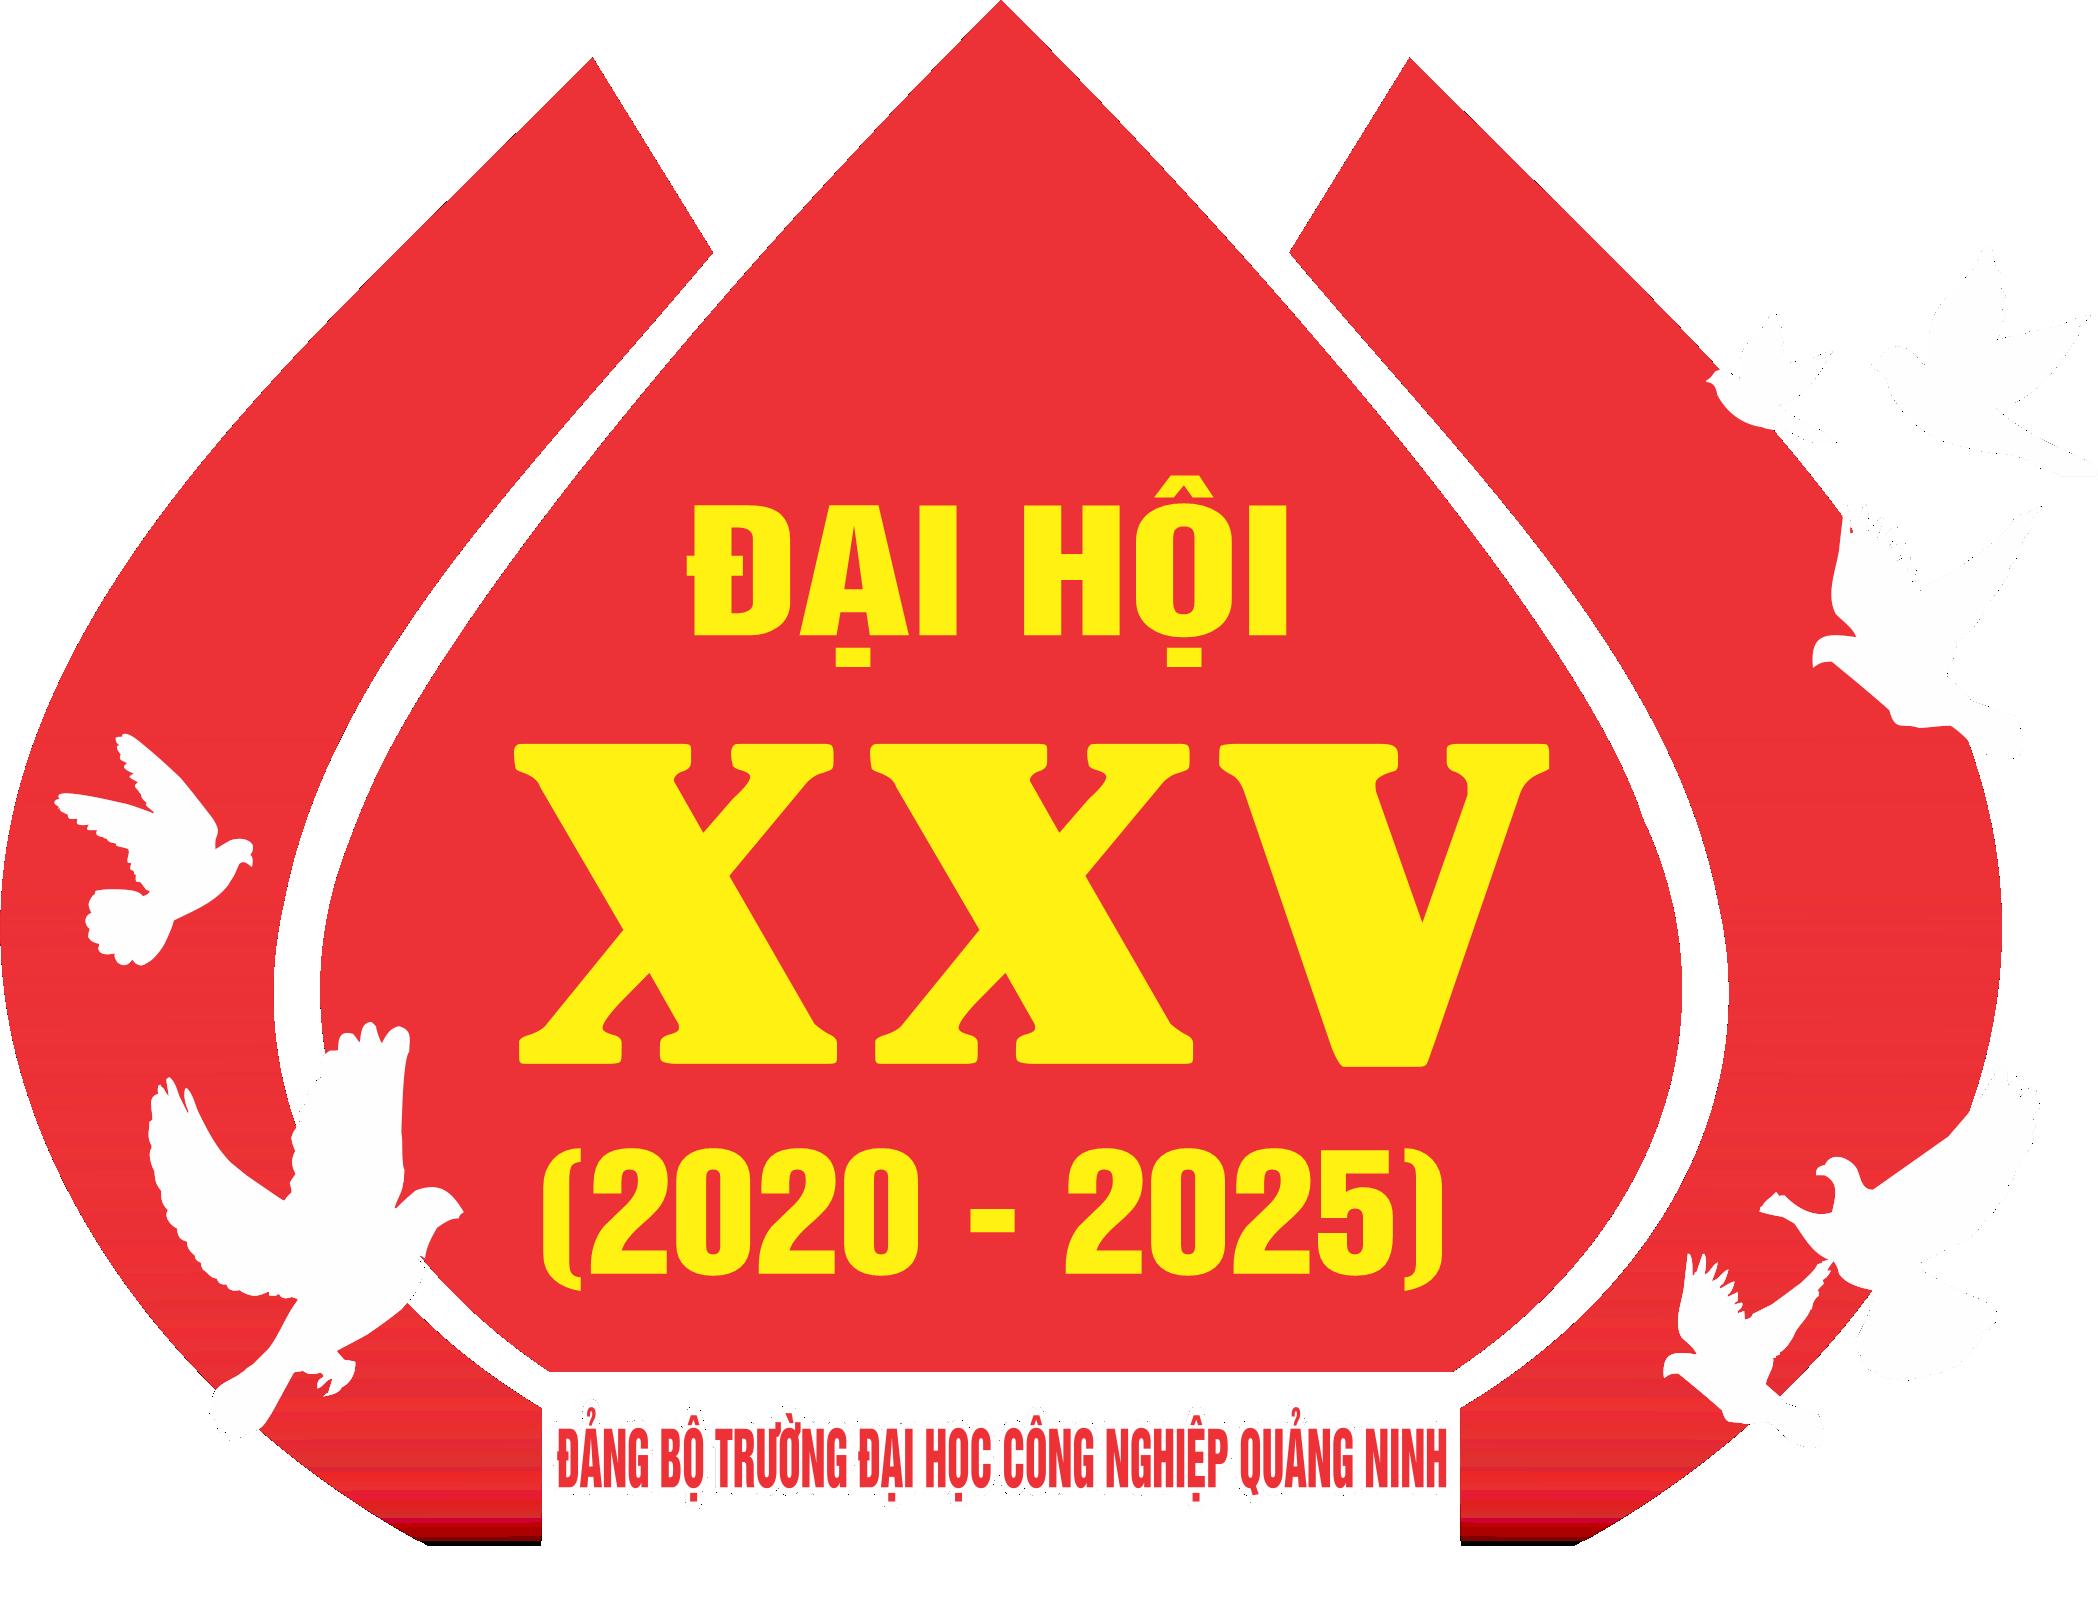 Văn kiện Đại hội Đảng bộ trường lần thứ XXV, nhiệm kỳ 2020-2025